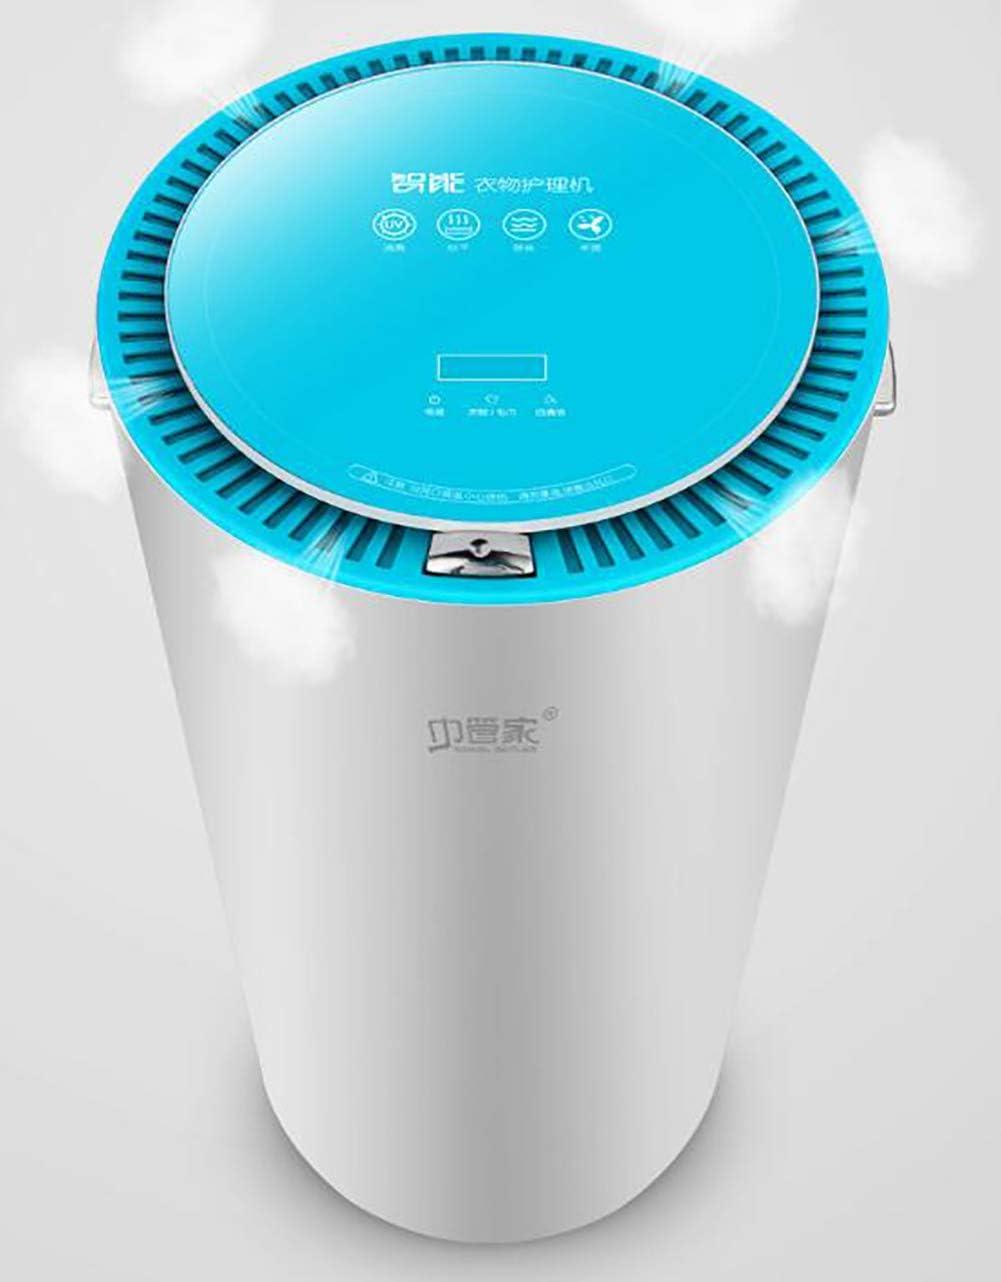 Ahn Independiente Blanca 29L Condensador Secadora con B Potencia de energía, programar el Encendido, la exhibición Sensor de Secado y Digitales [Energía Clase B]